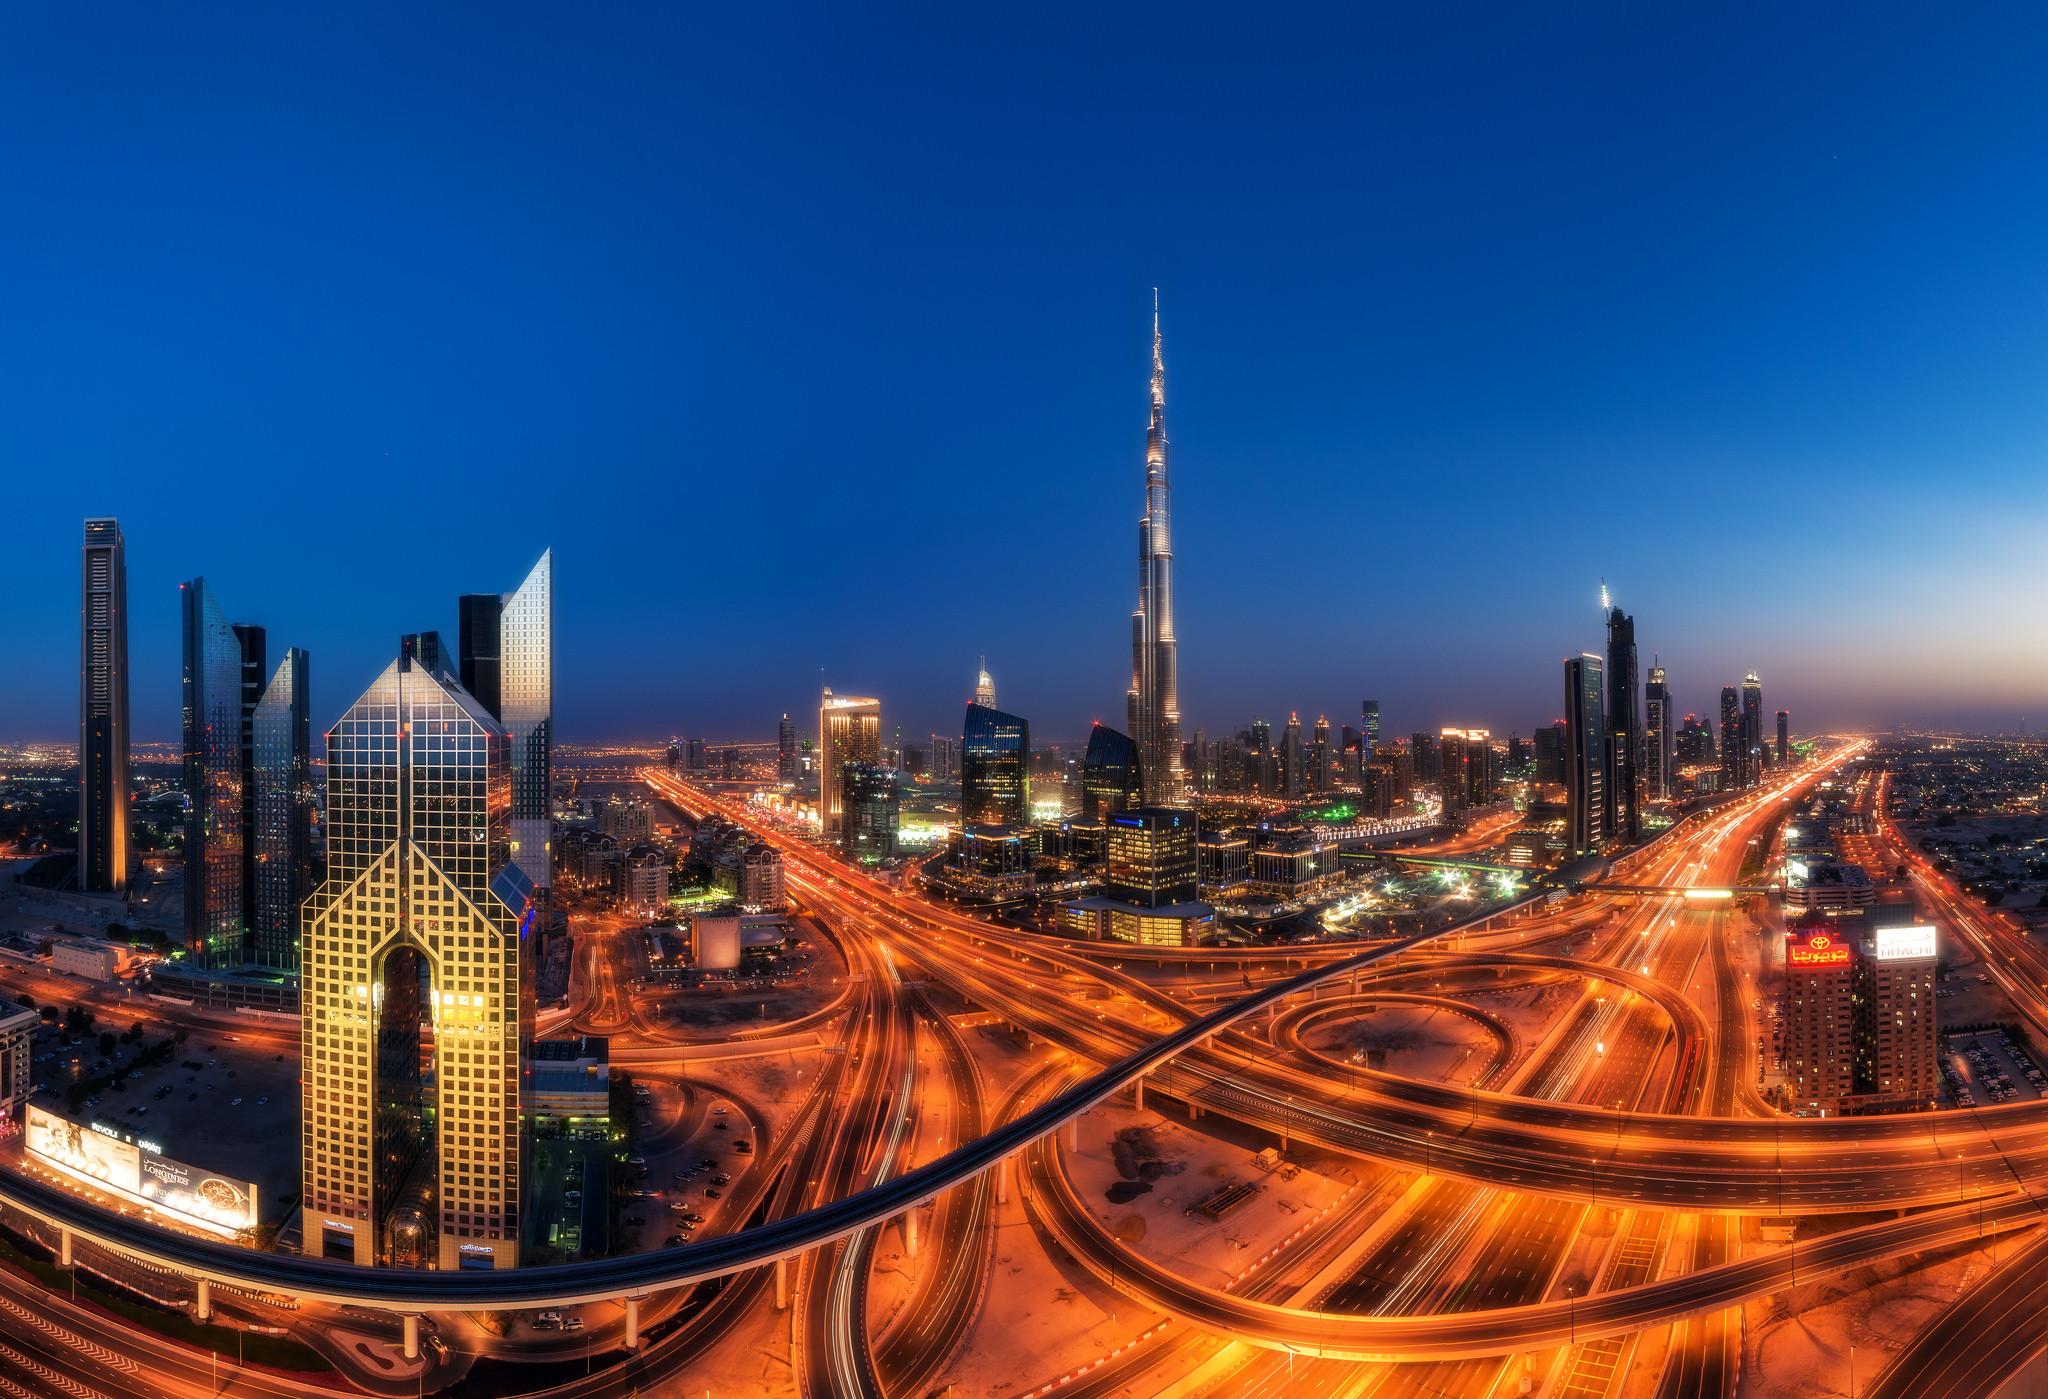 обои Dubai, город, ночь, огни картинки фото